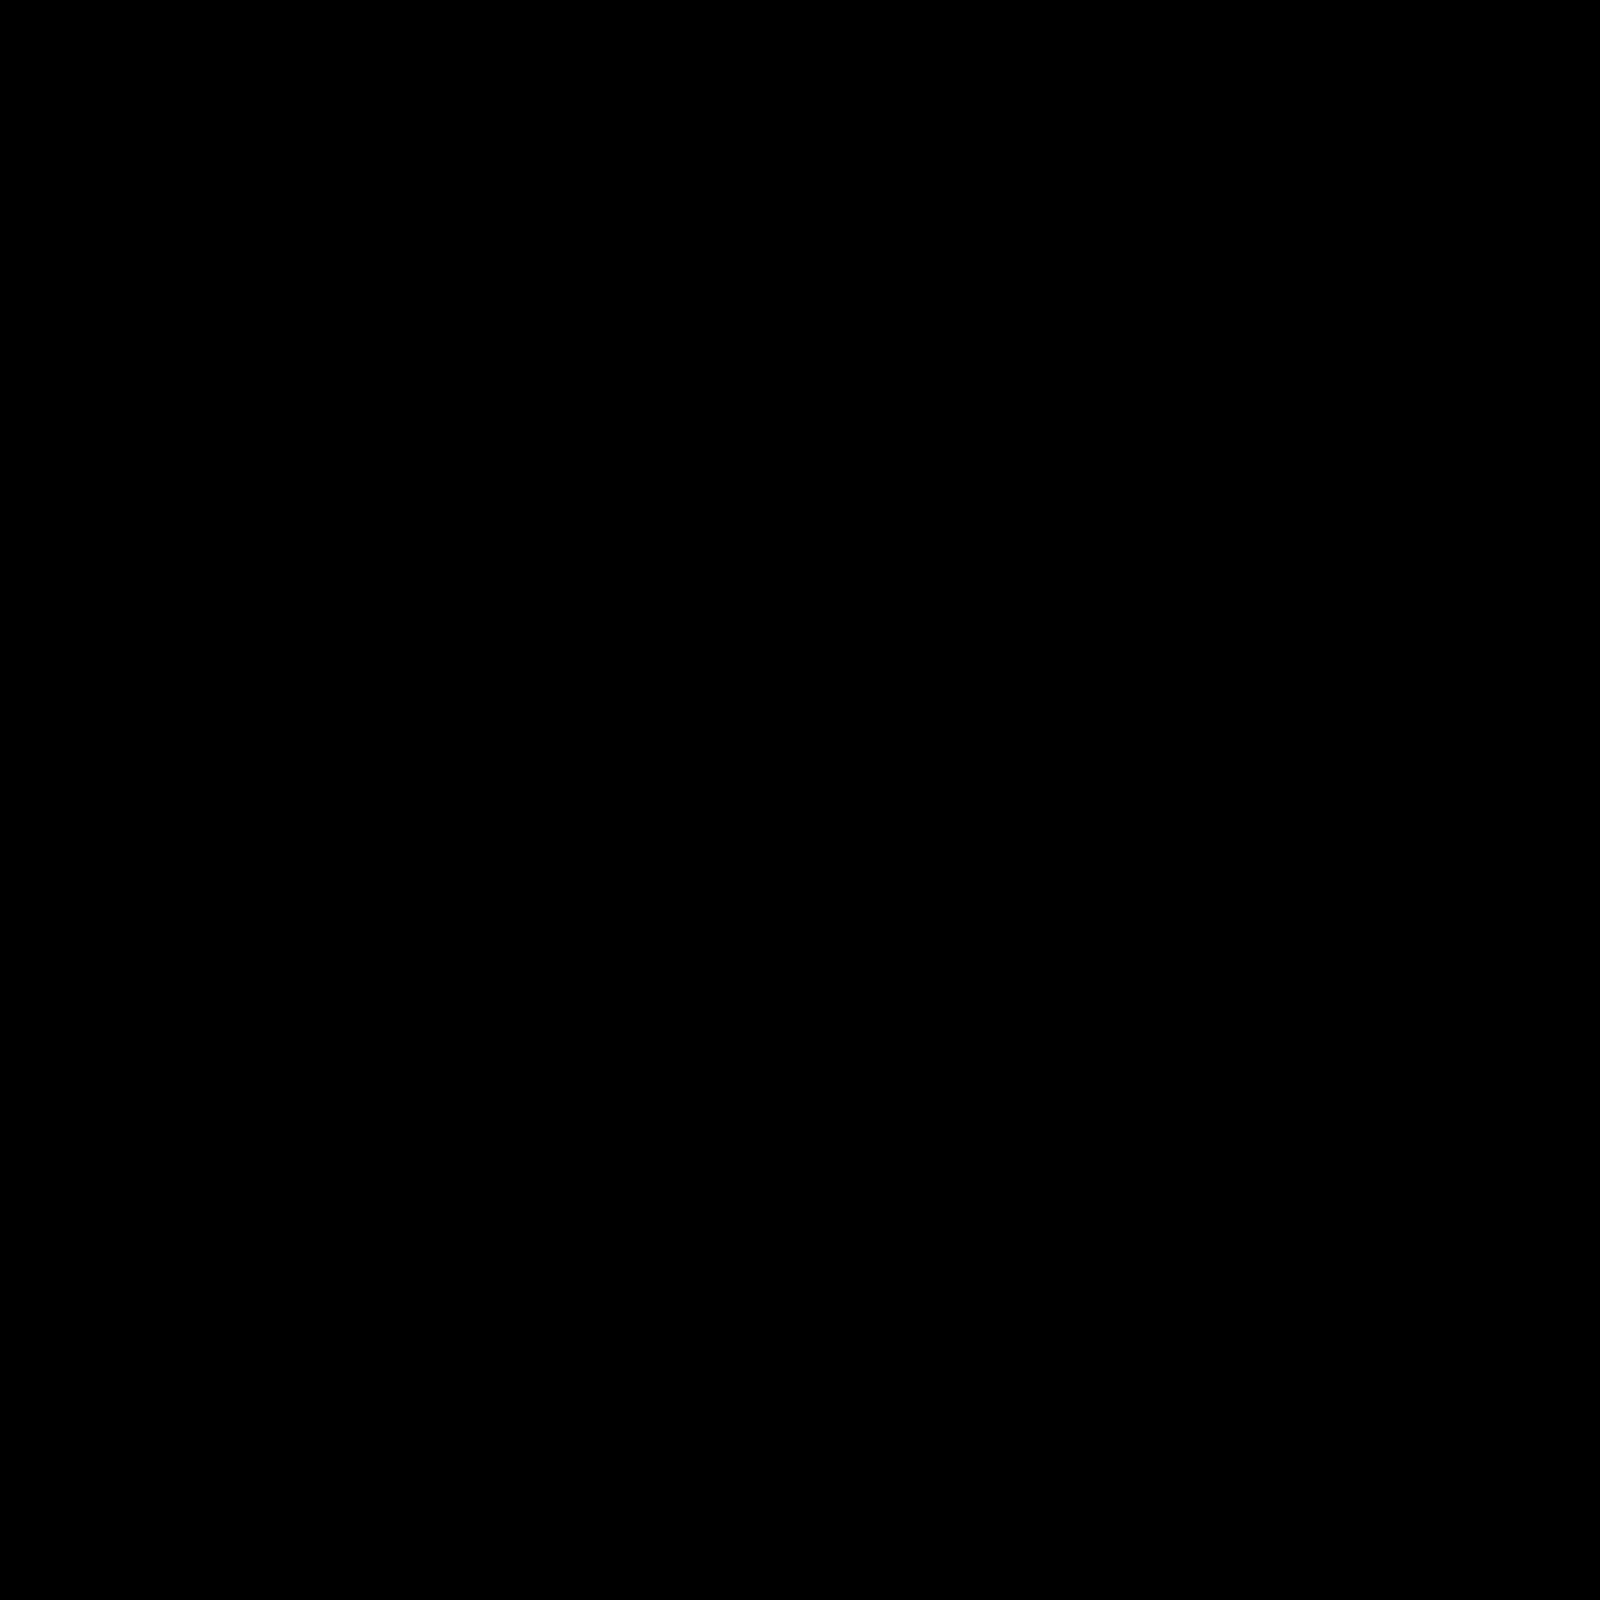 Winkel icon